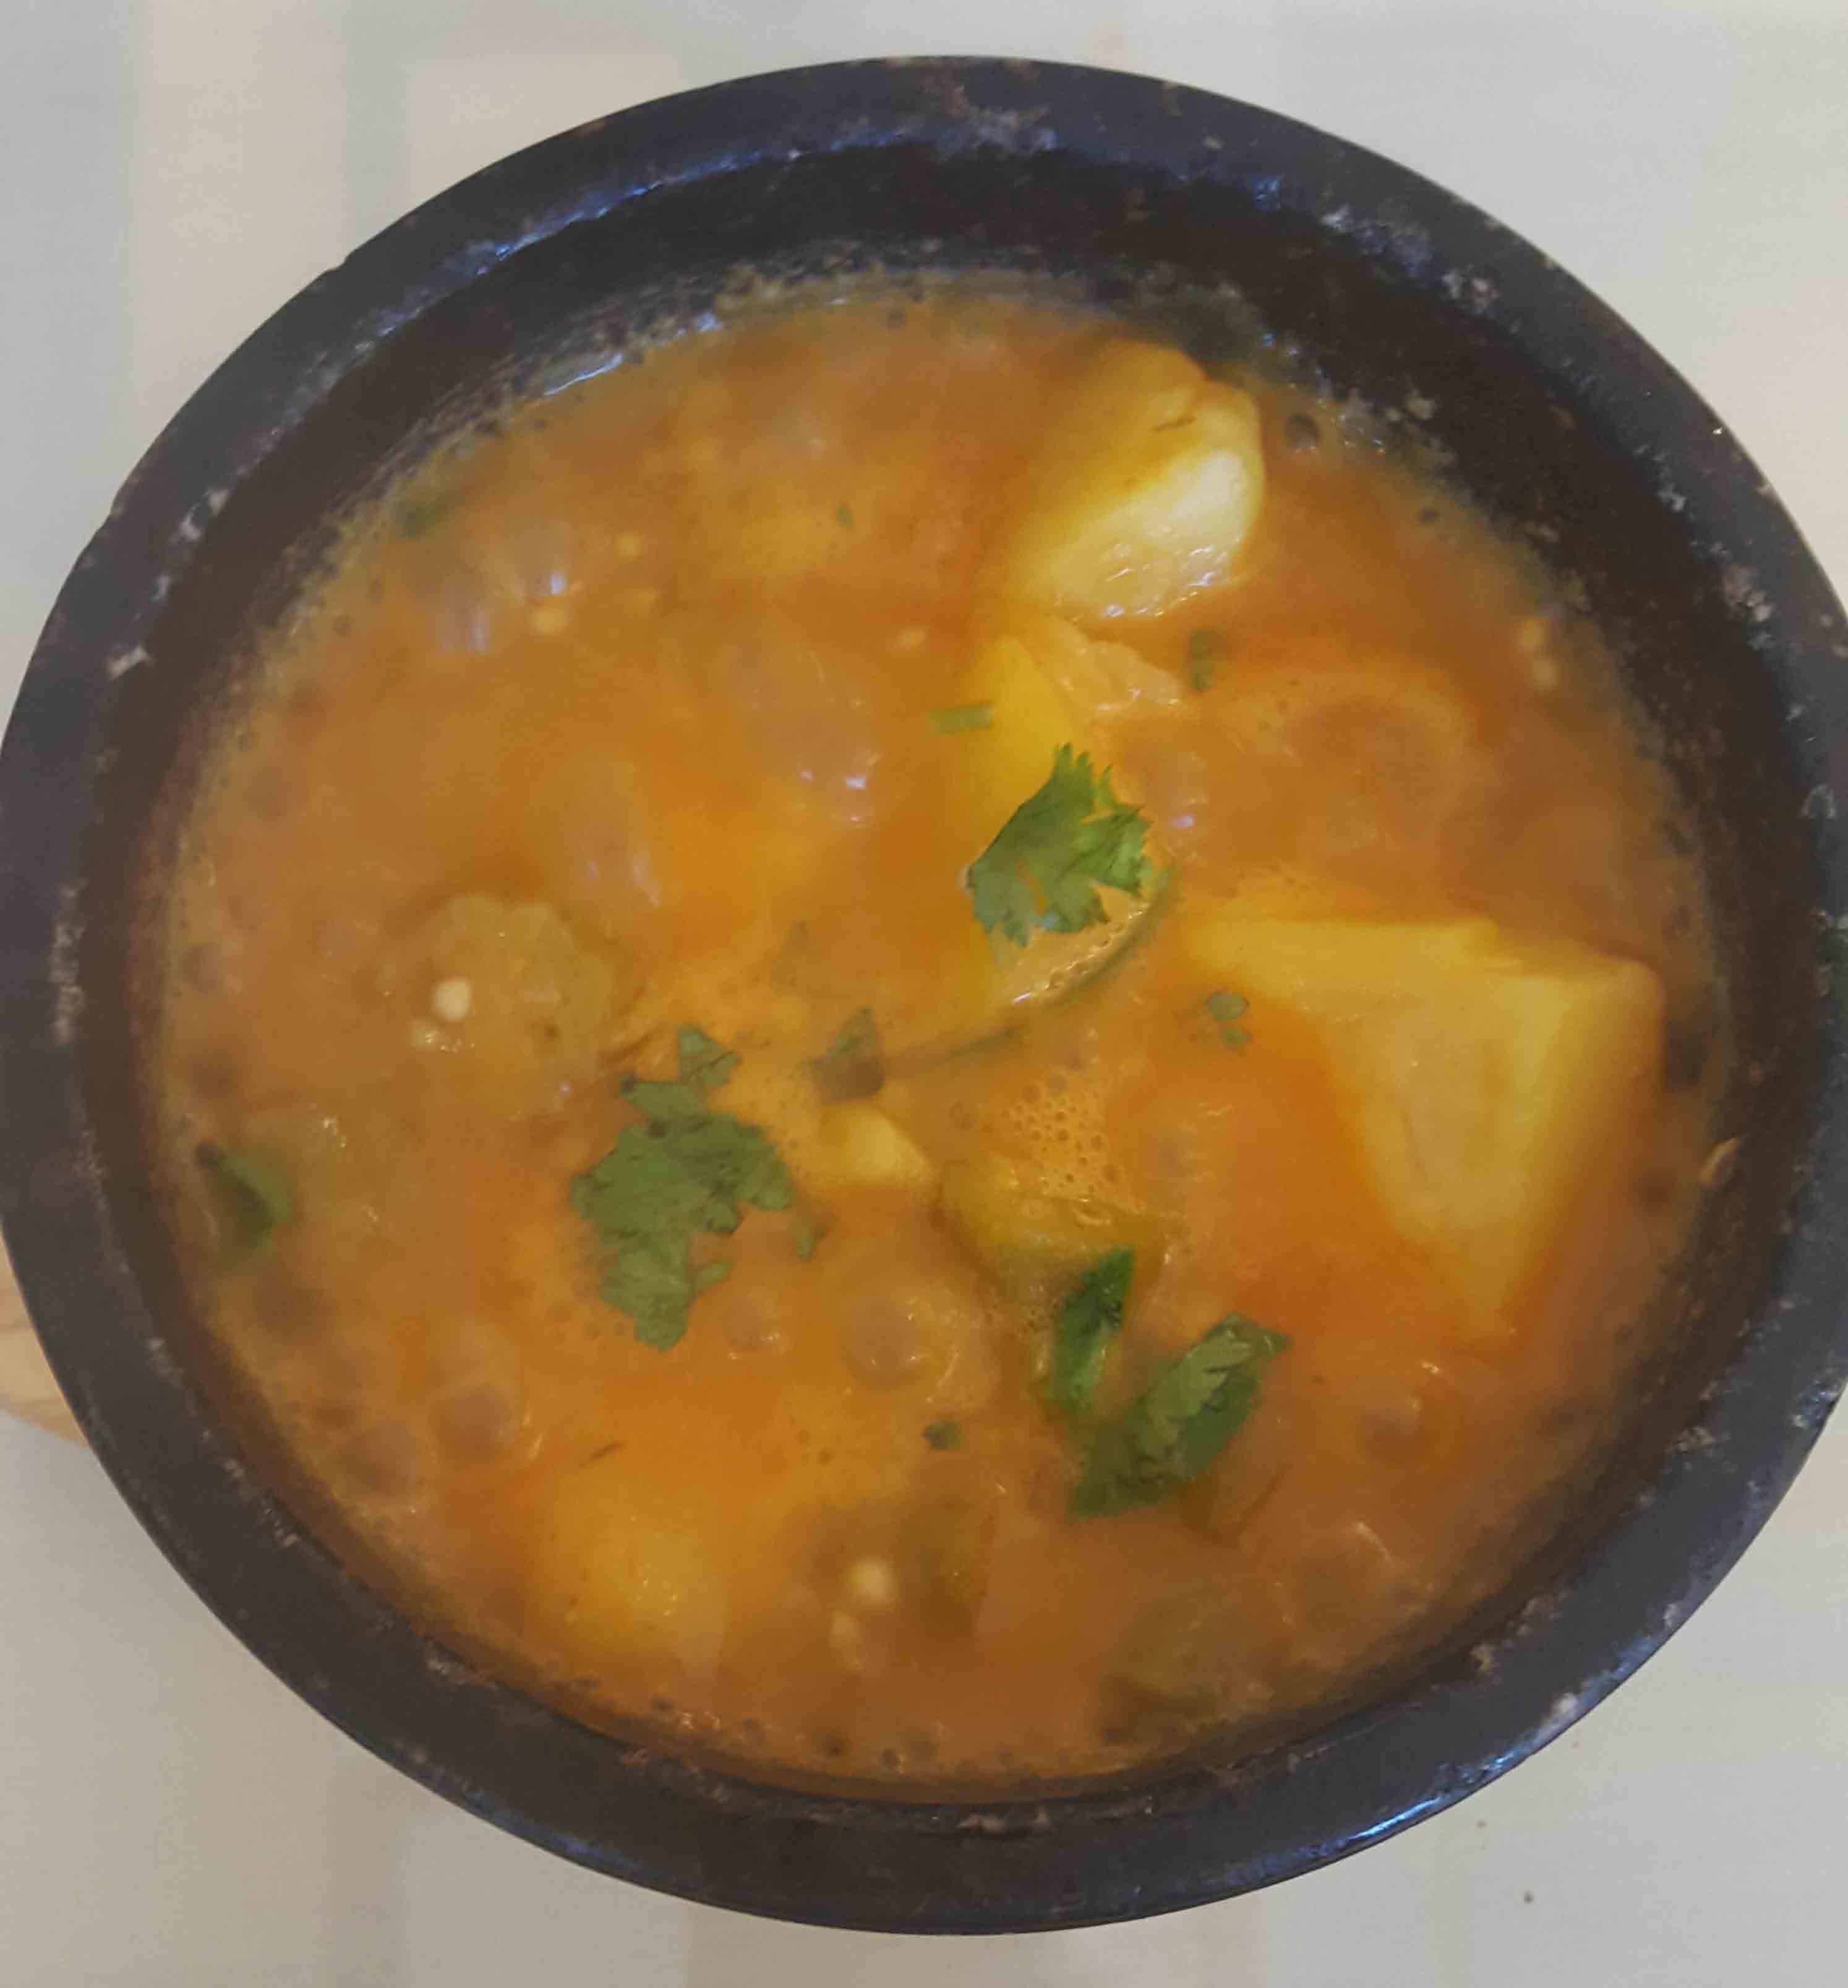 Yemeni cuisine - Wikipedia